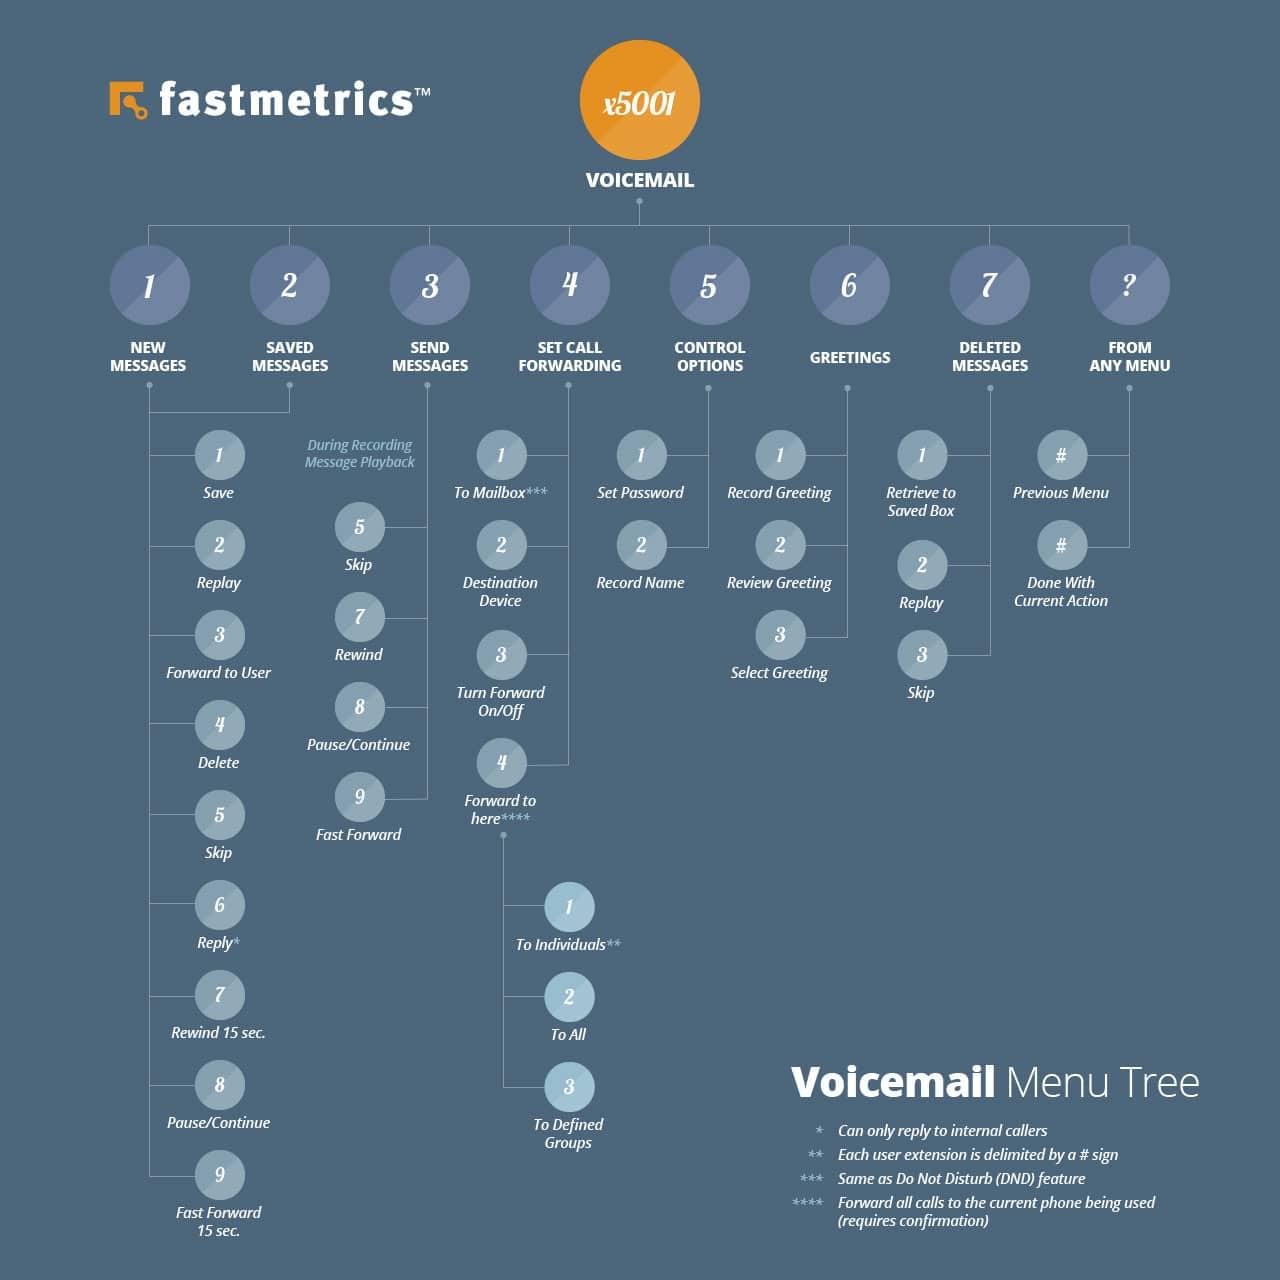 voicemail menu tree